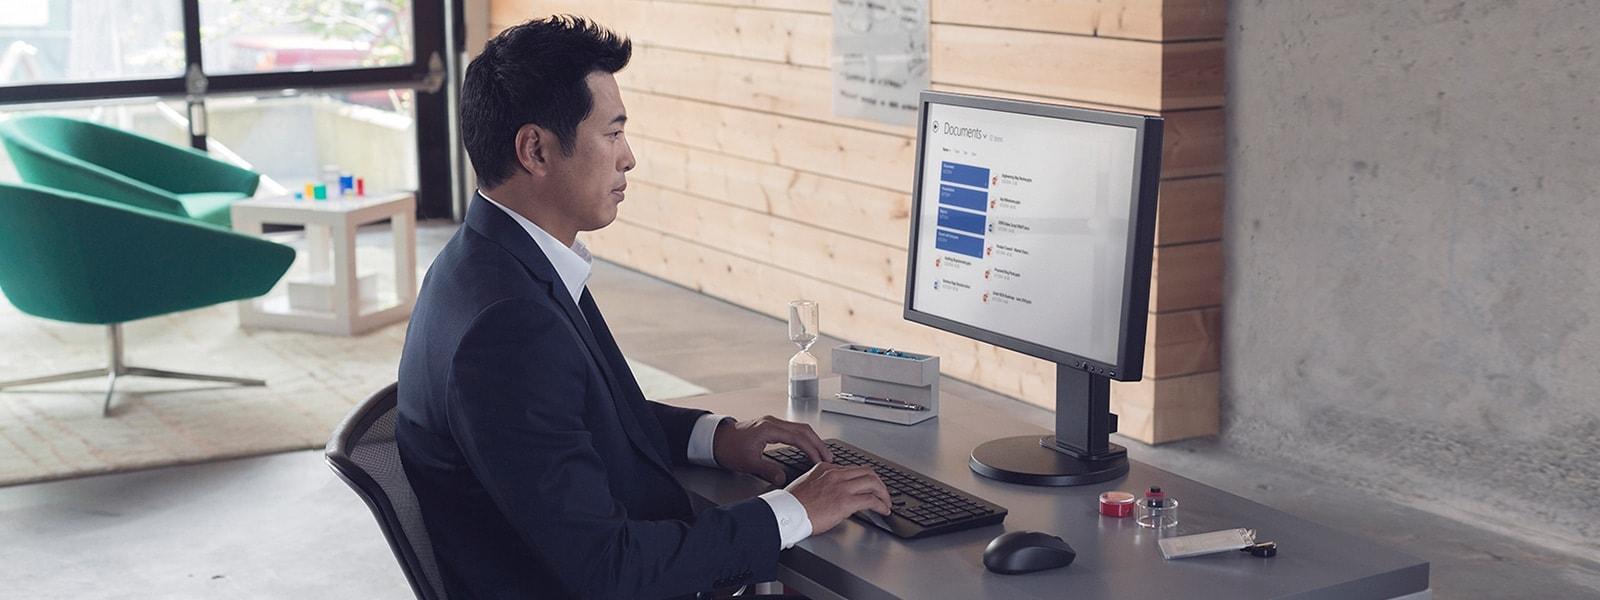 Человек печатает на компьютере